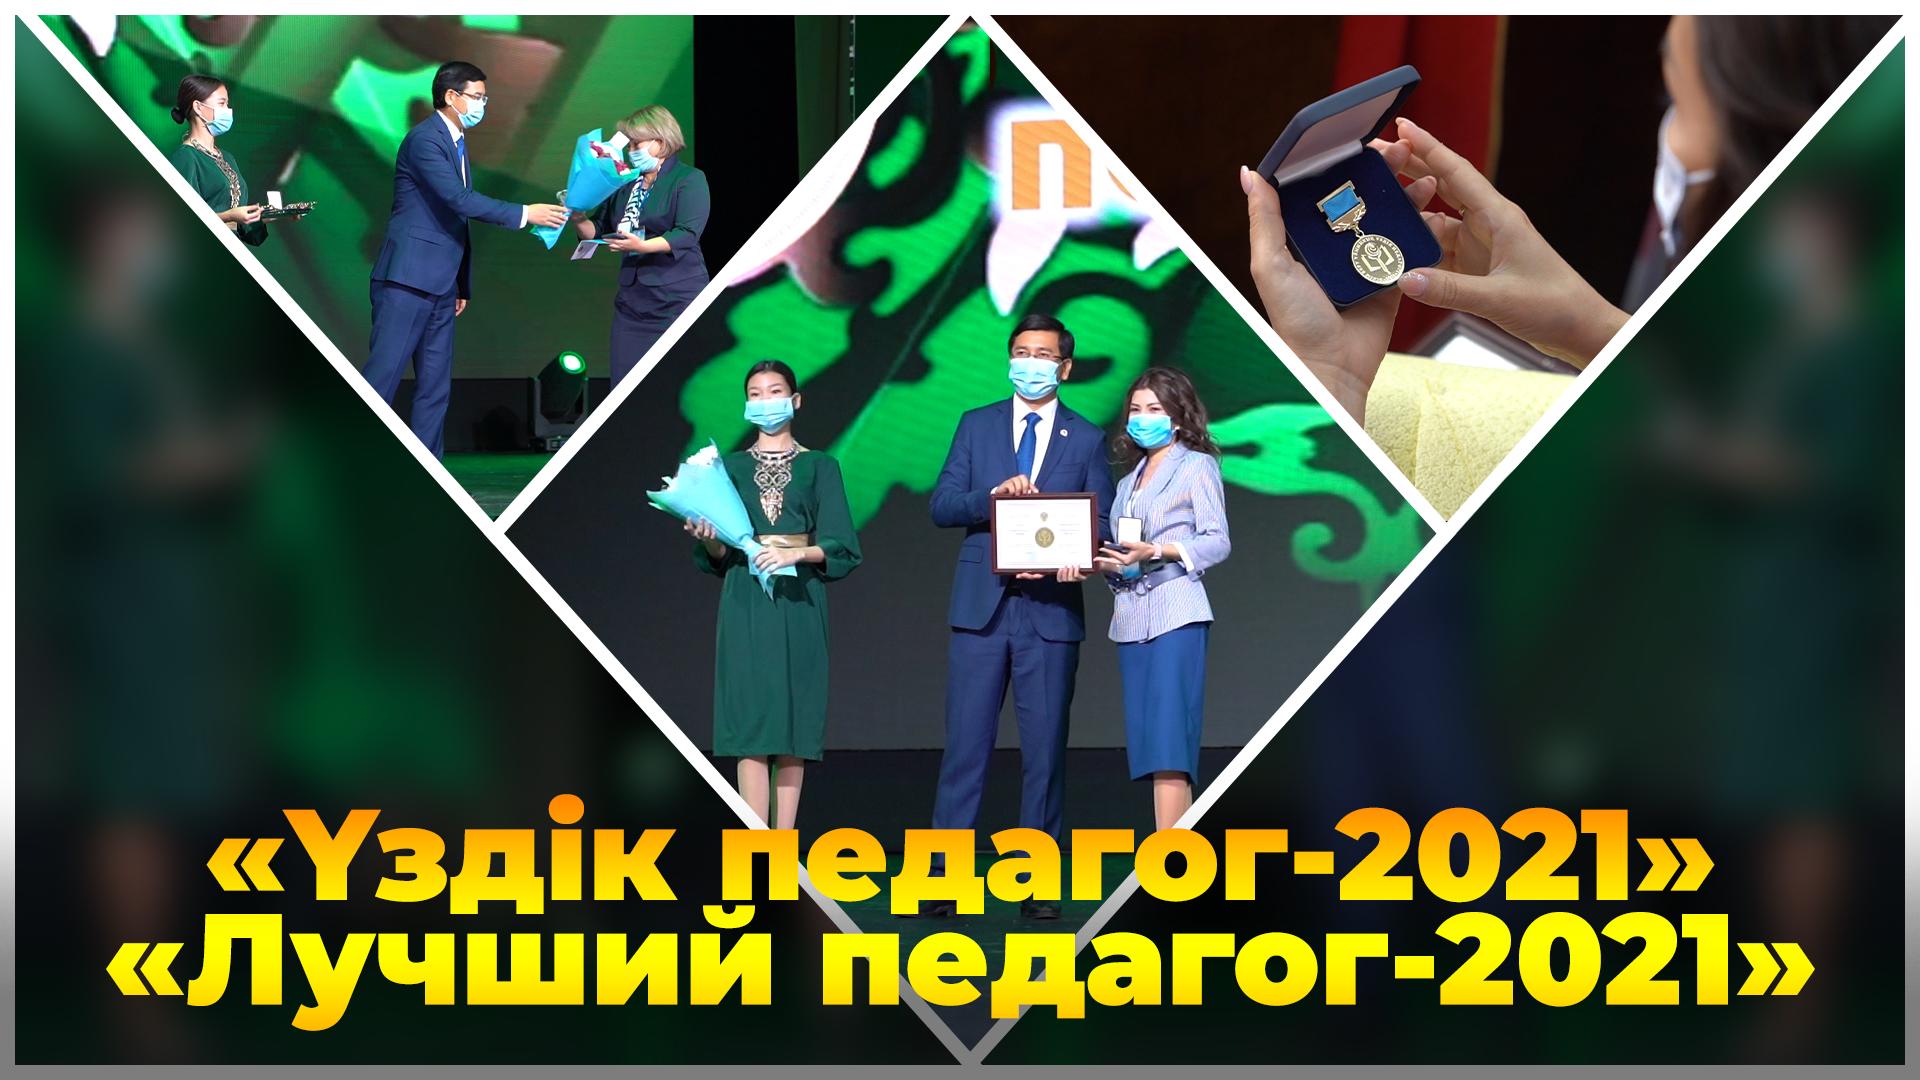 Министр образования и науки РК Асхат Аймагамбетов поздравил победителей республиканского конкурса «Лучший педагог-2021»